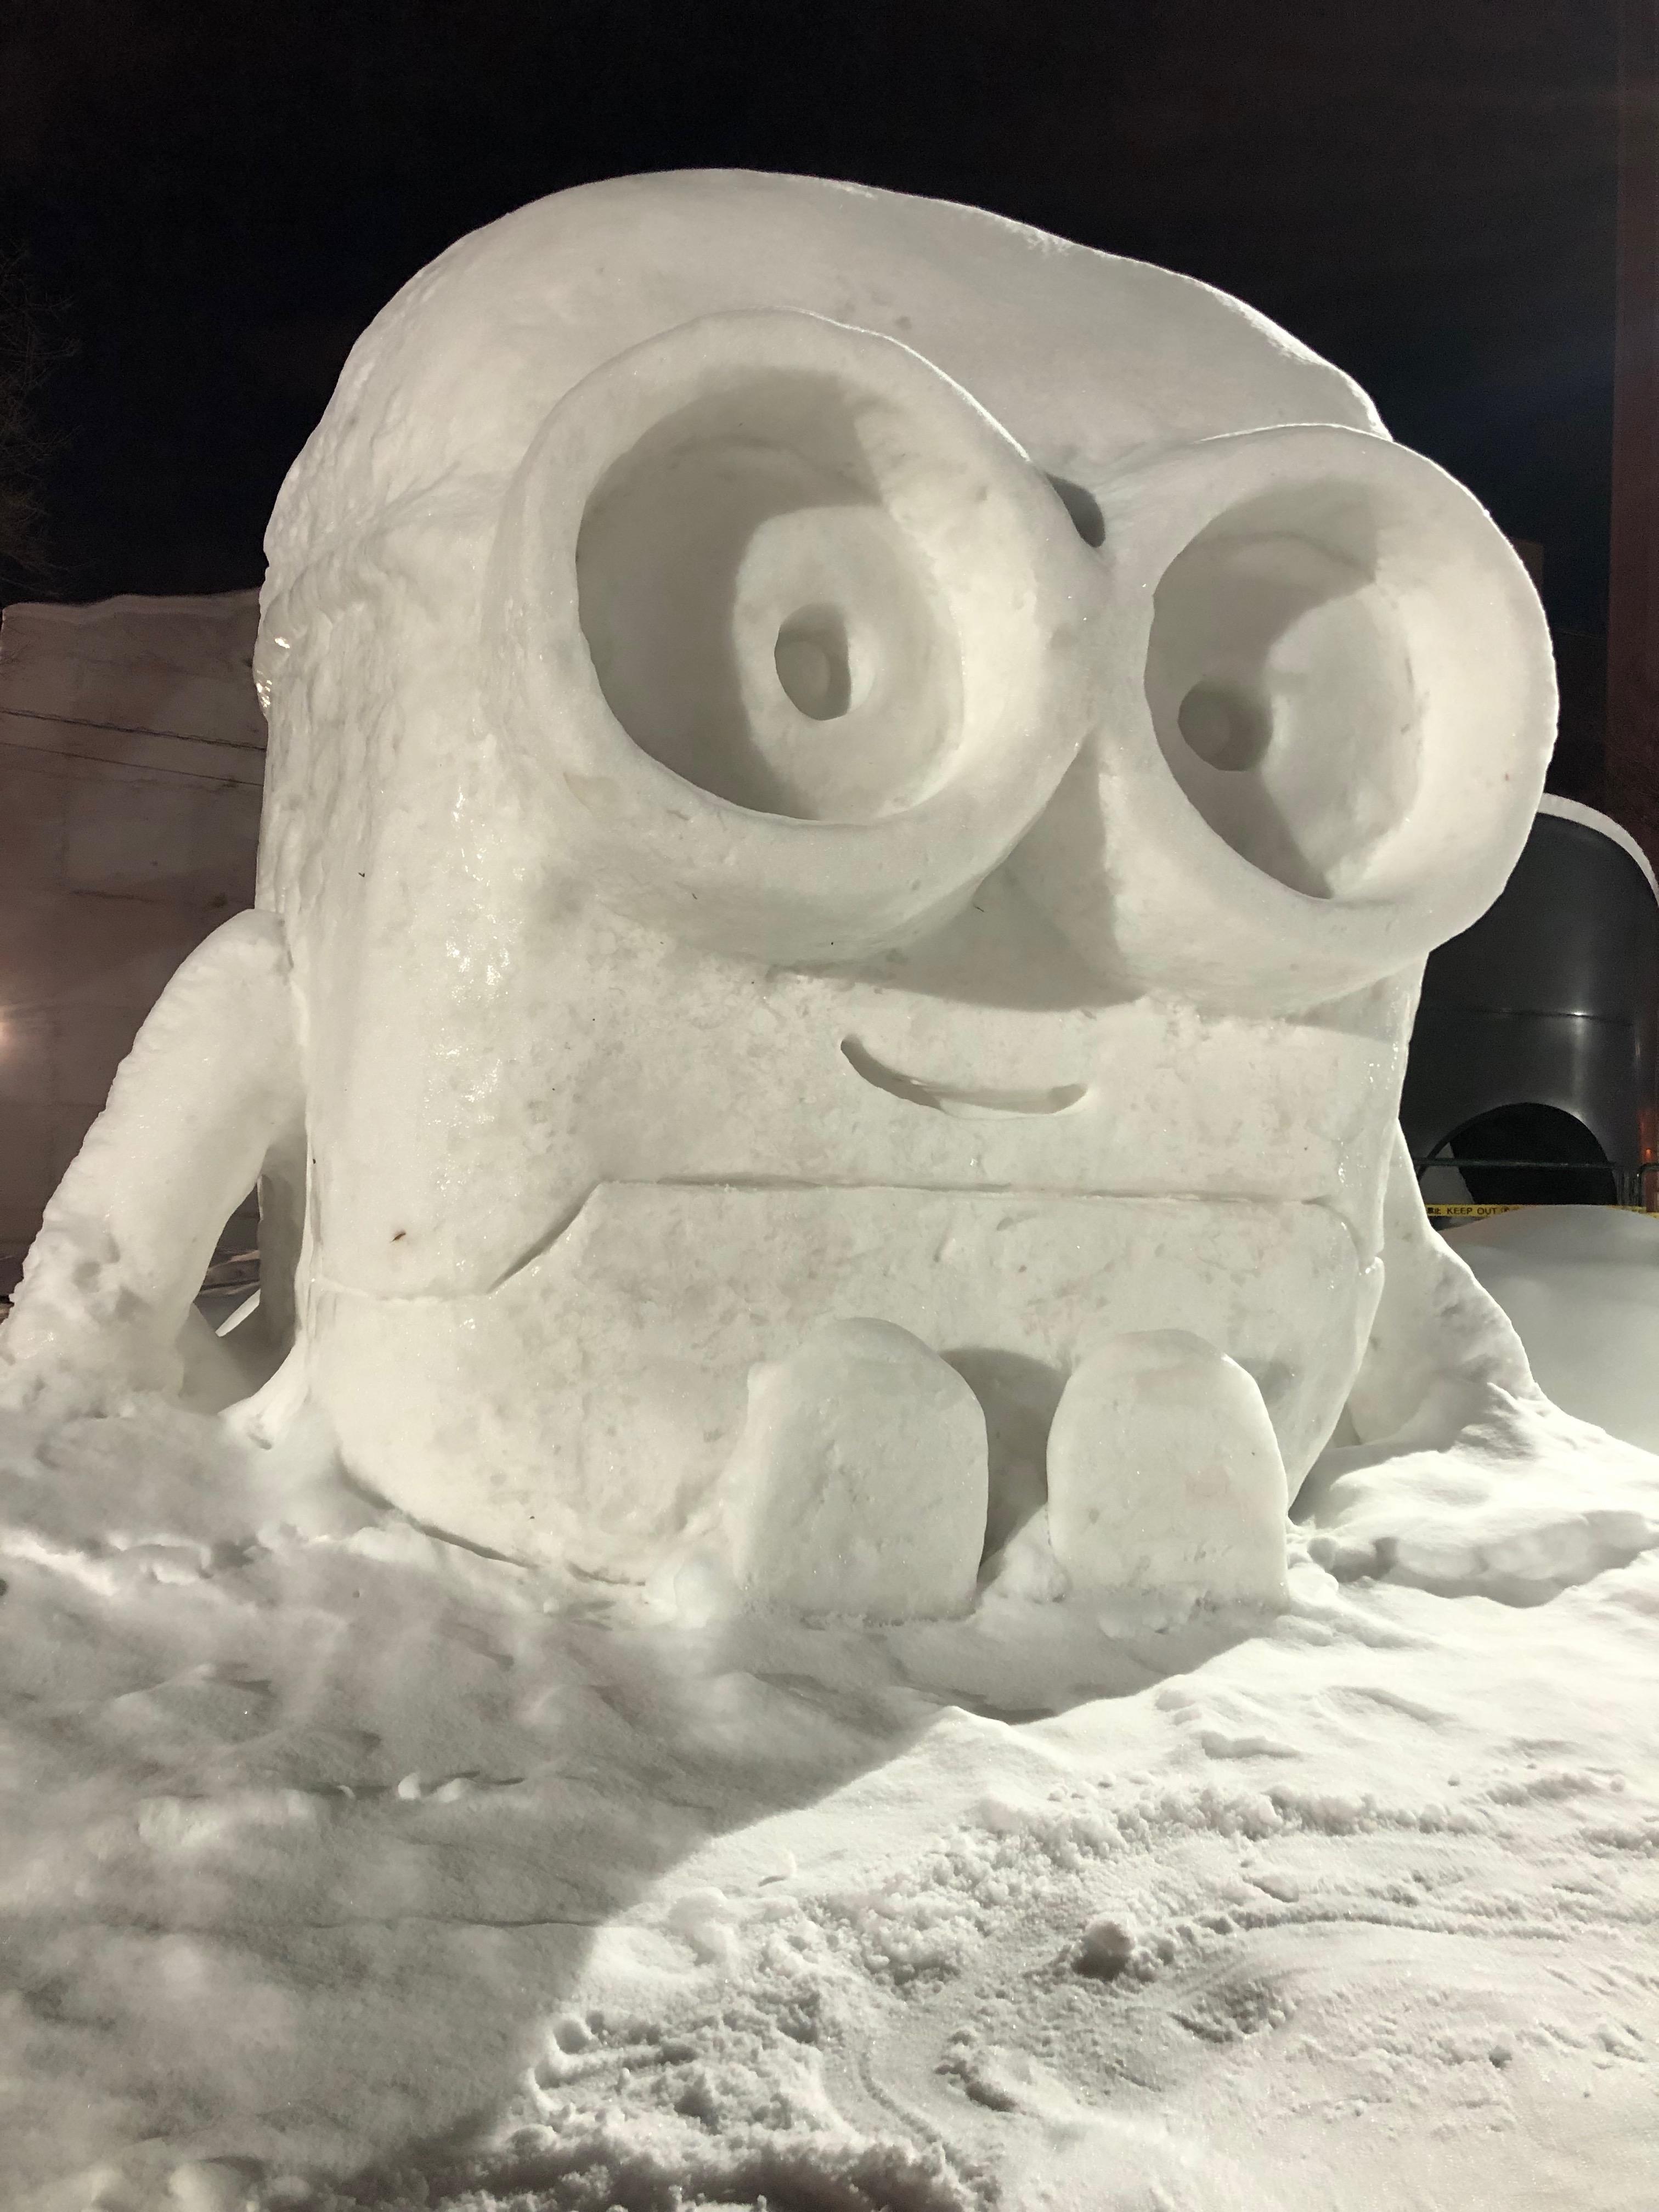 Minions, Citizens' Snow Sculptures